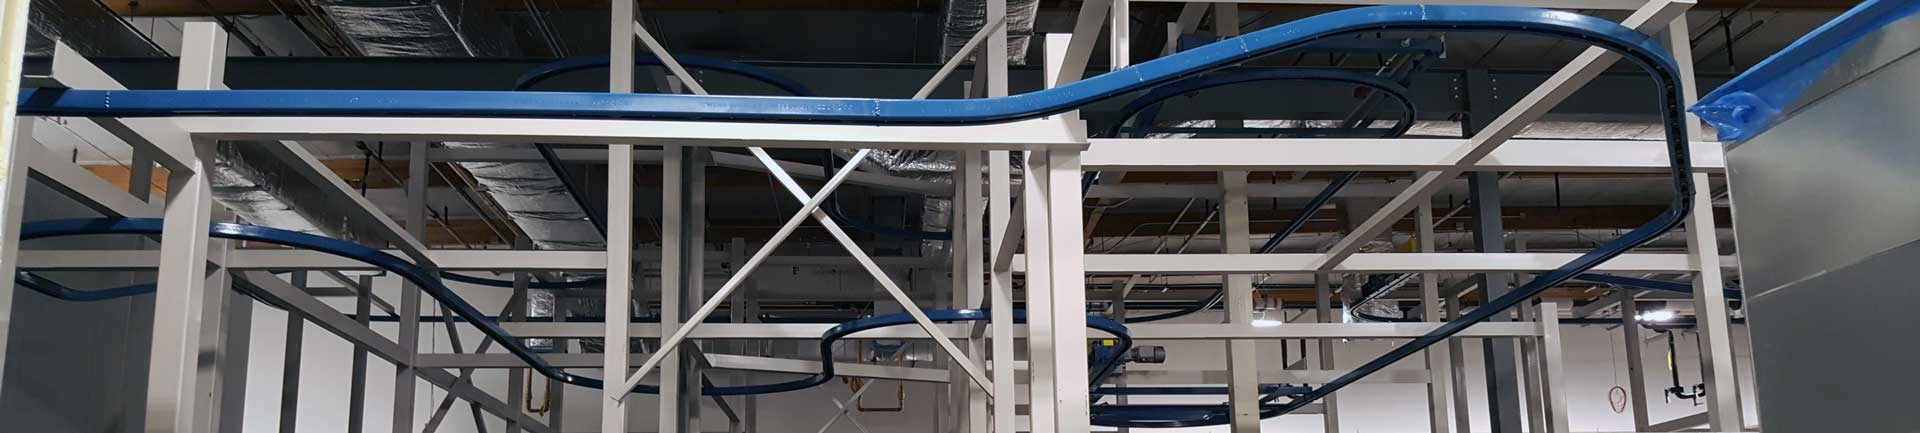 Unibilt Conveyor Systems